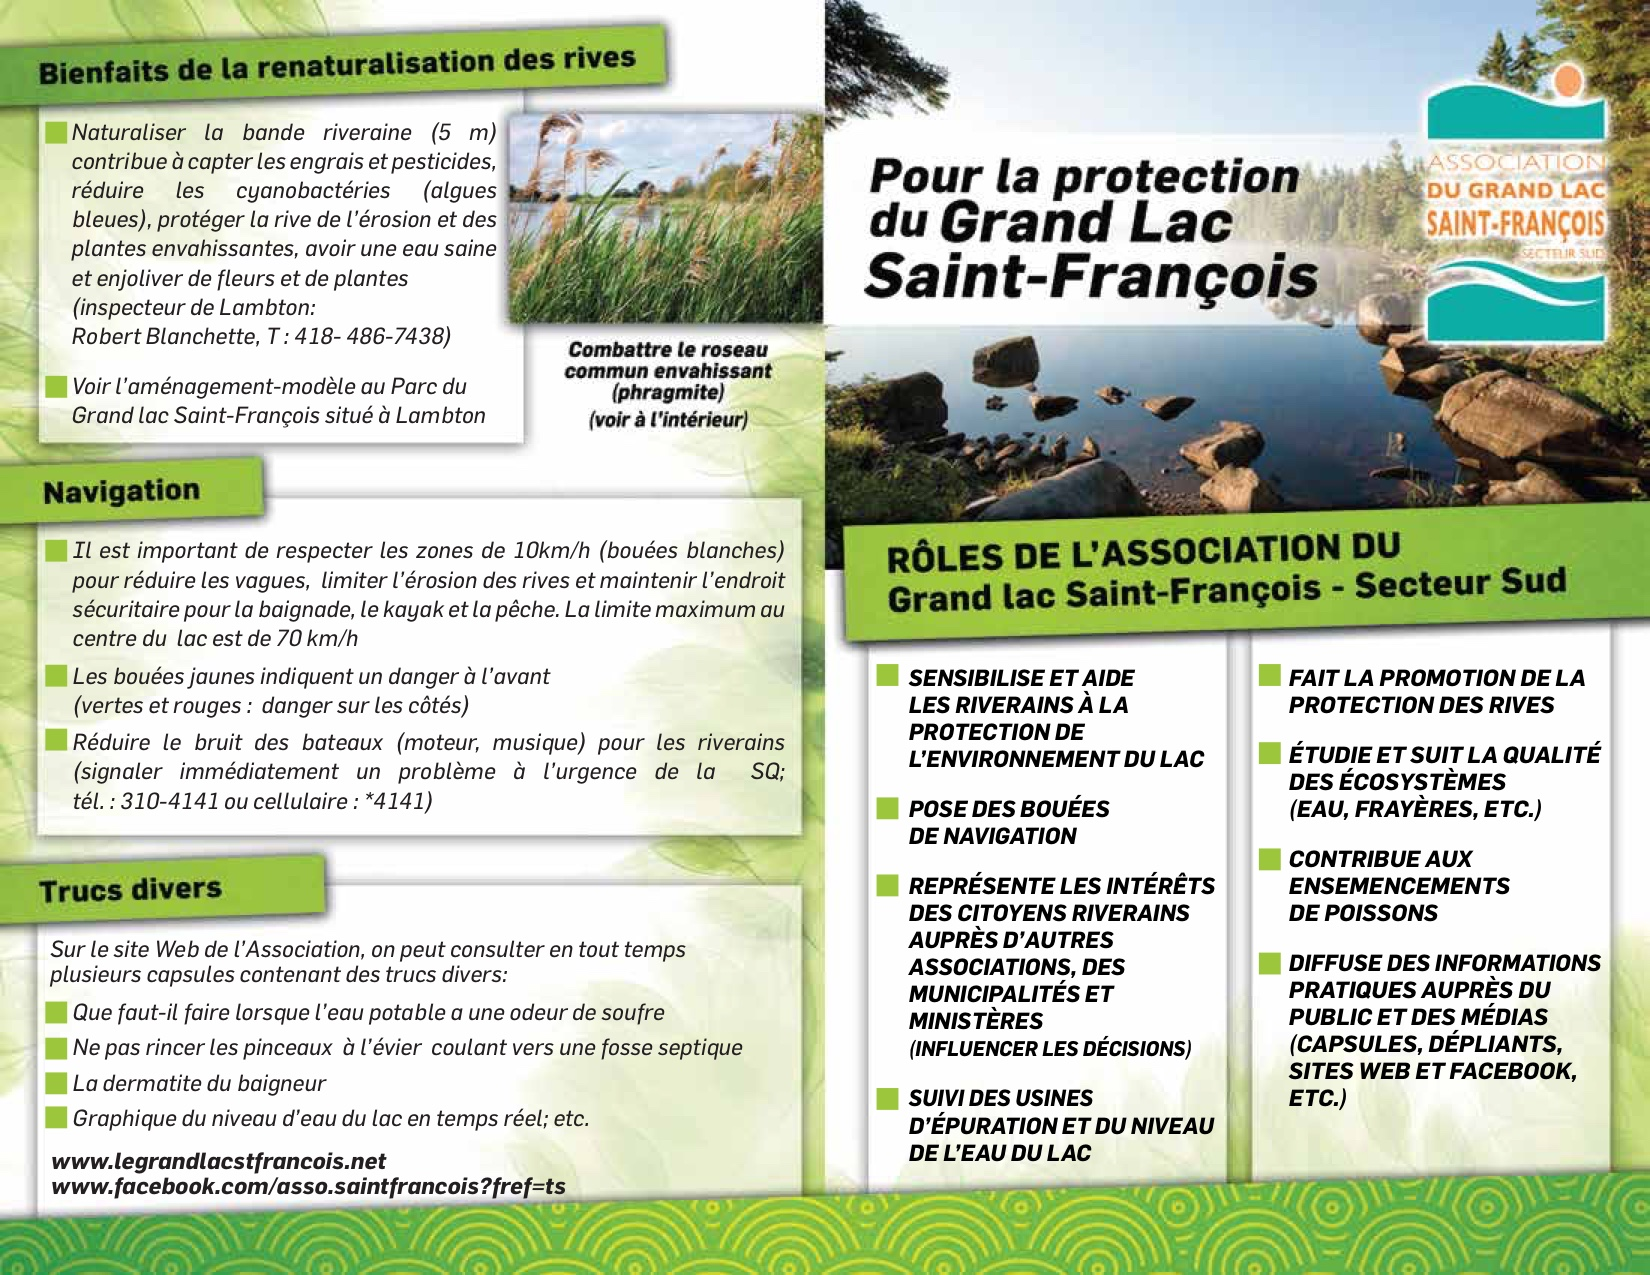 Les Plantes Envahissantes Association Du Grand Lac Saint Francois